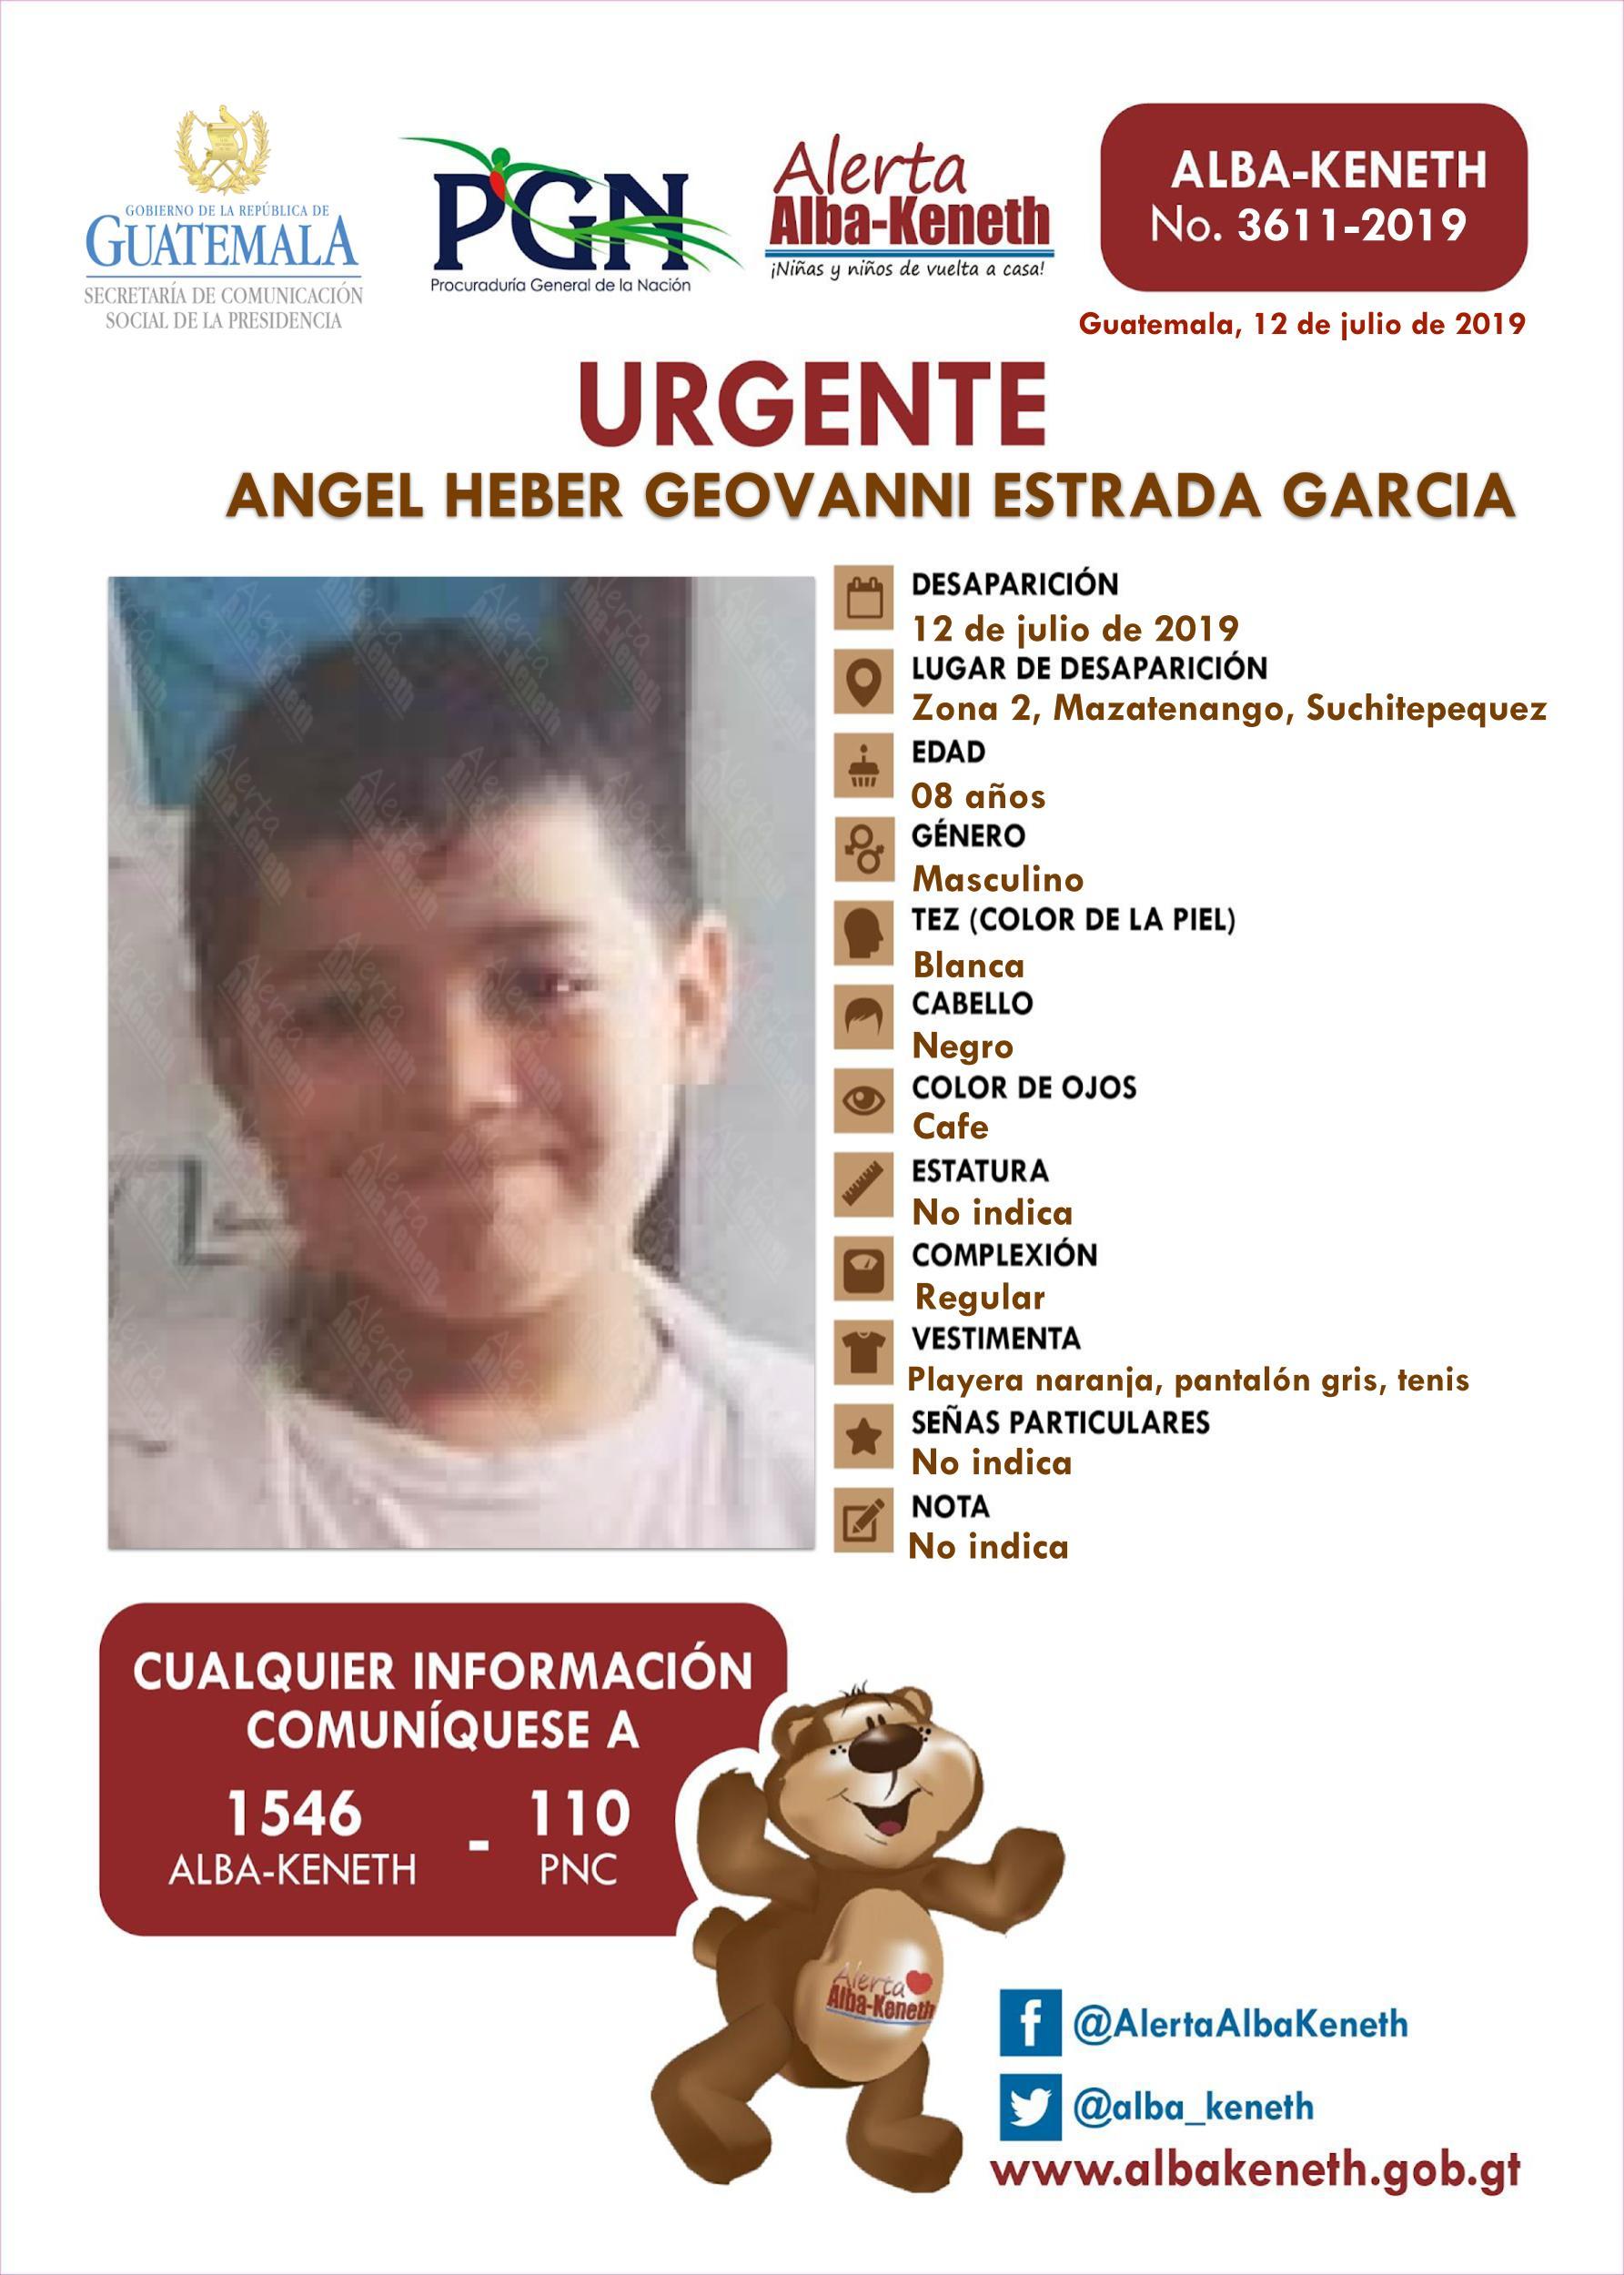 Angel Heber Geovanny Estrada Garcia